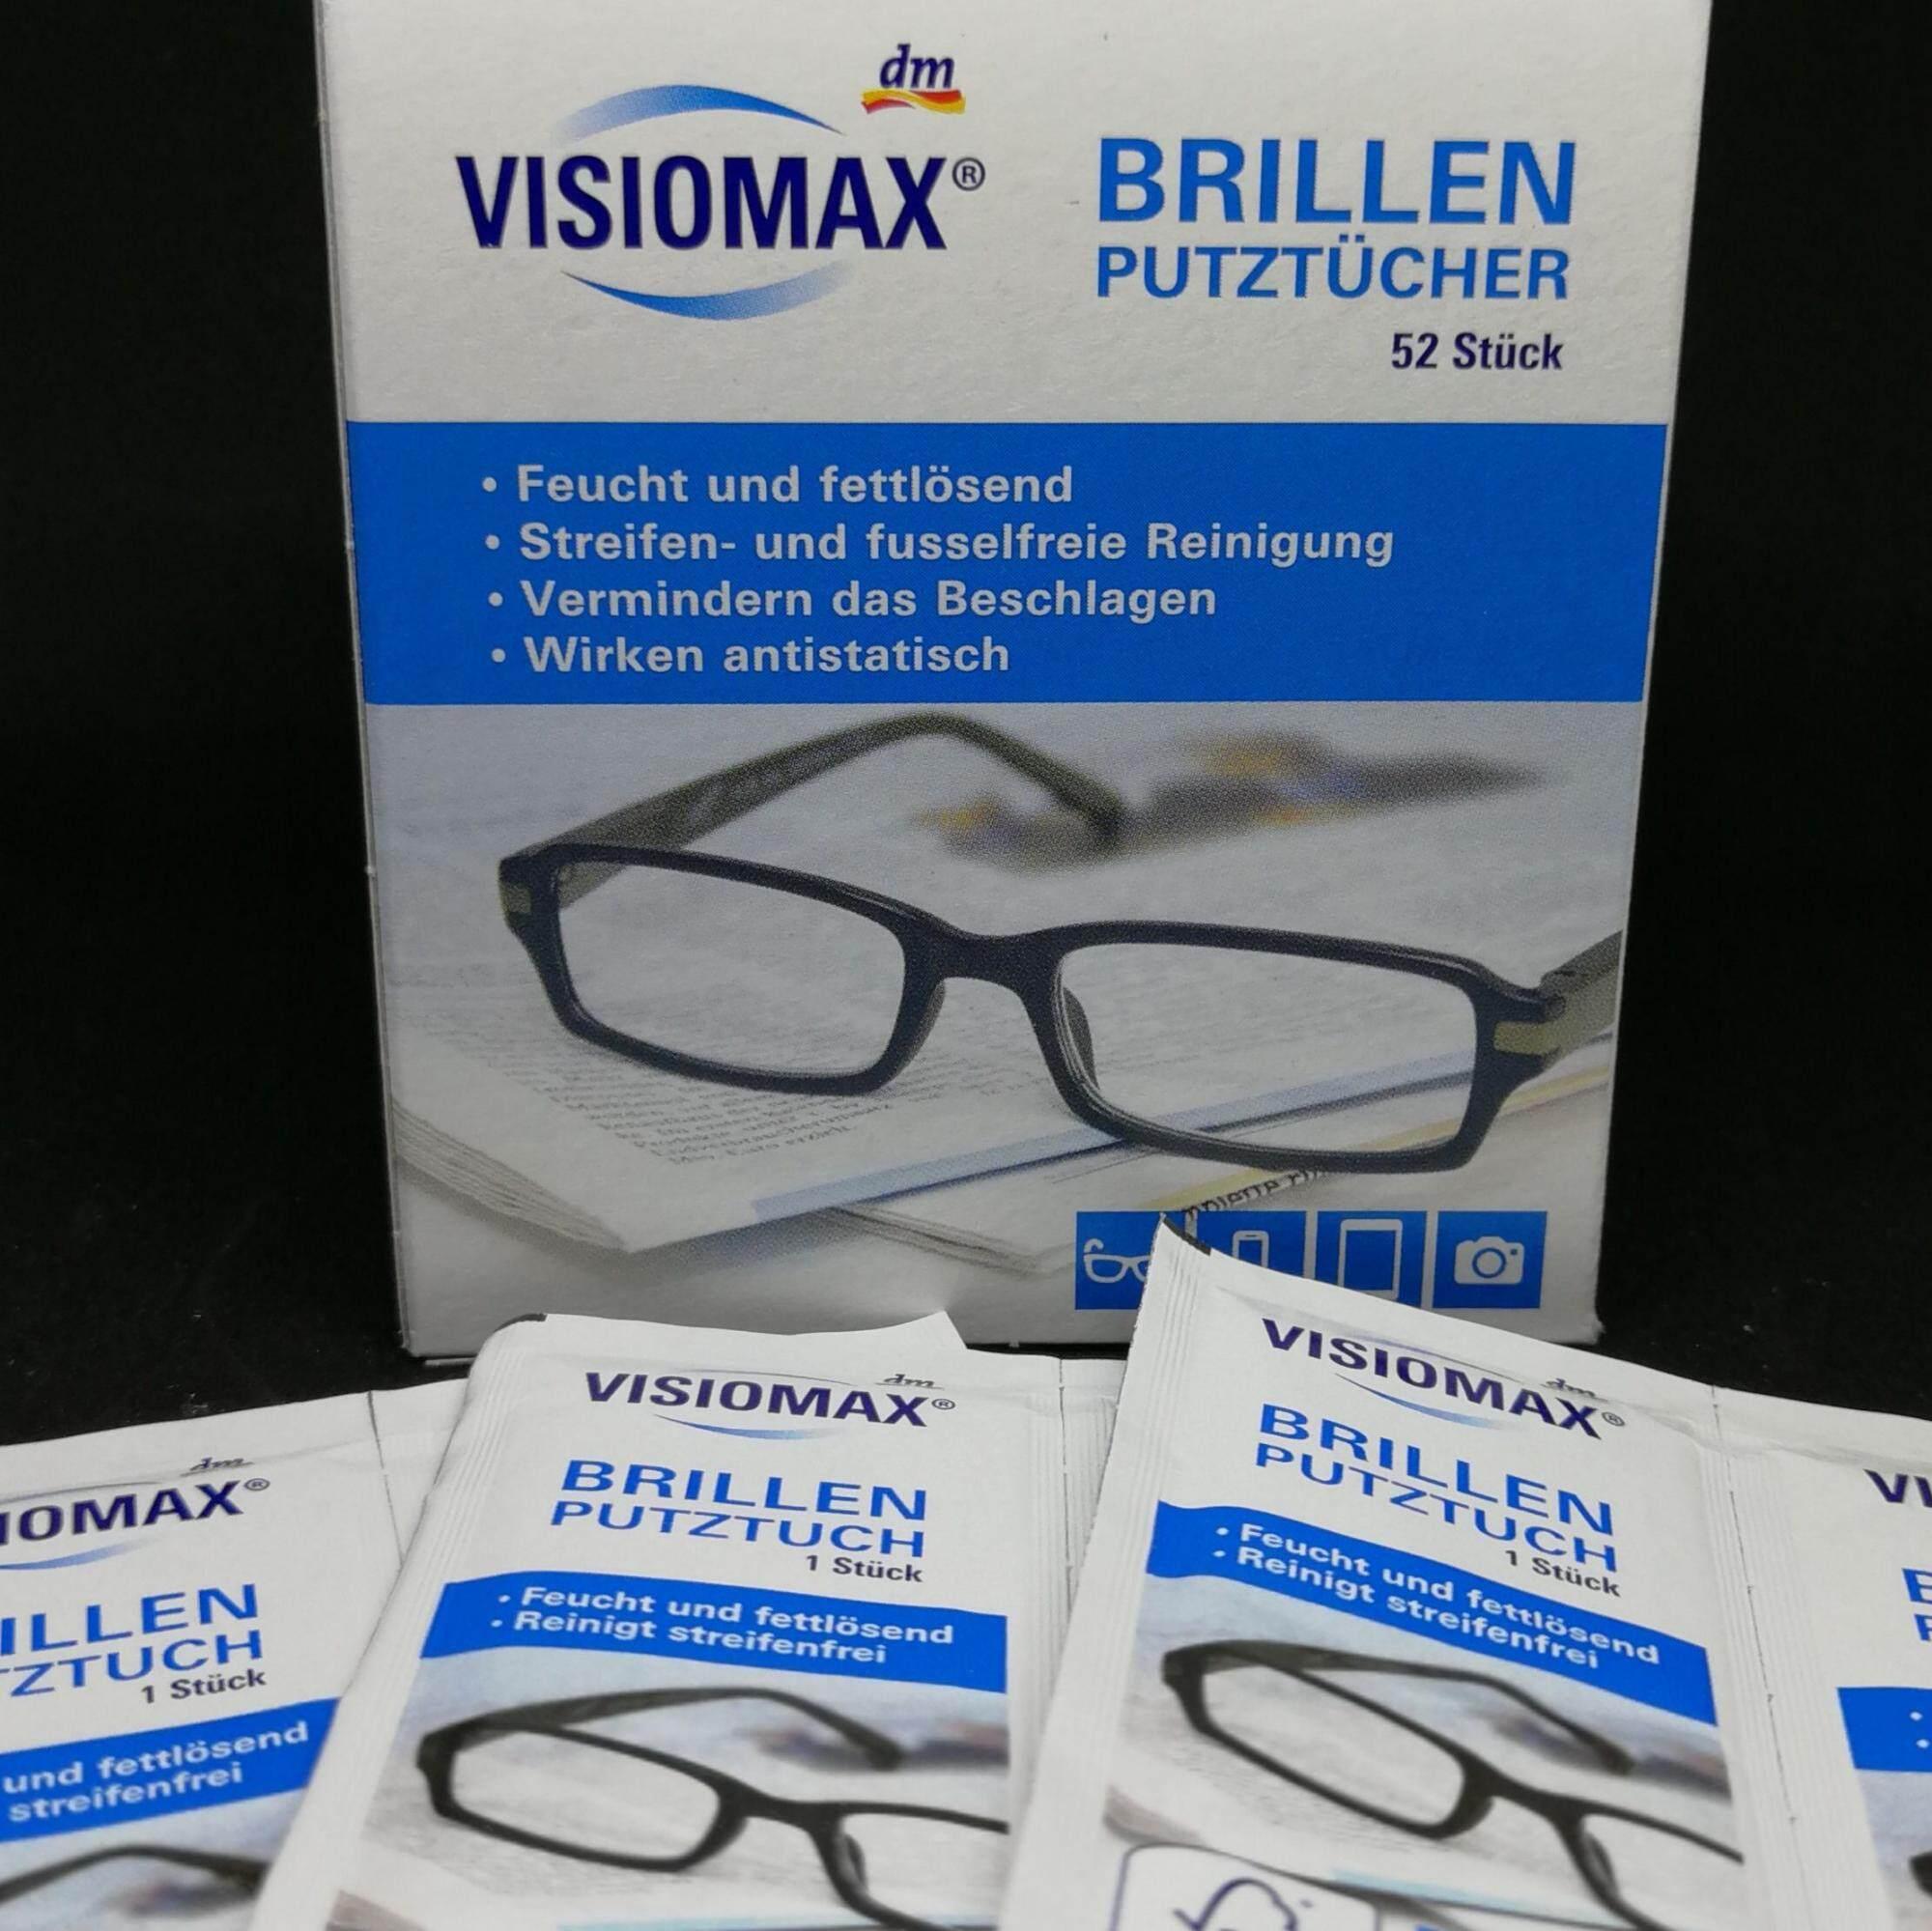 [ไม่มีกล่อง] แนะนำสินค้าใหม่ Visiomax กระดาษทำความสะอาดแว่นตา กล้อง มือถือ และ Gadget ต่างๆ.